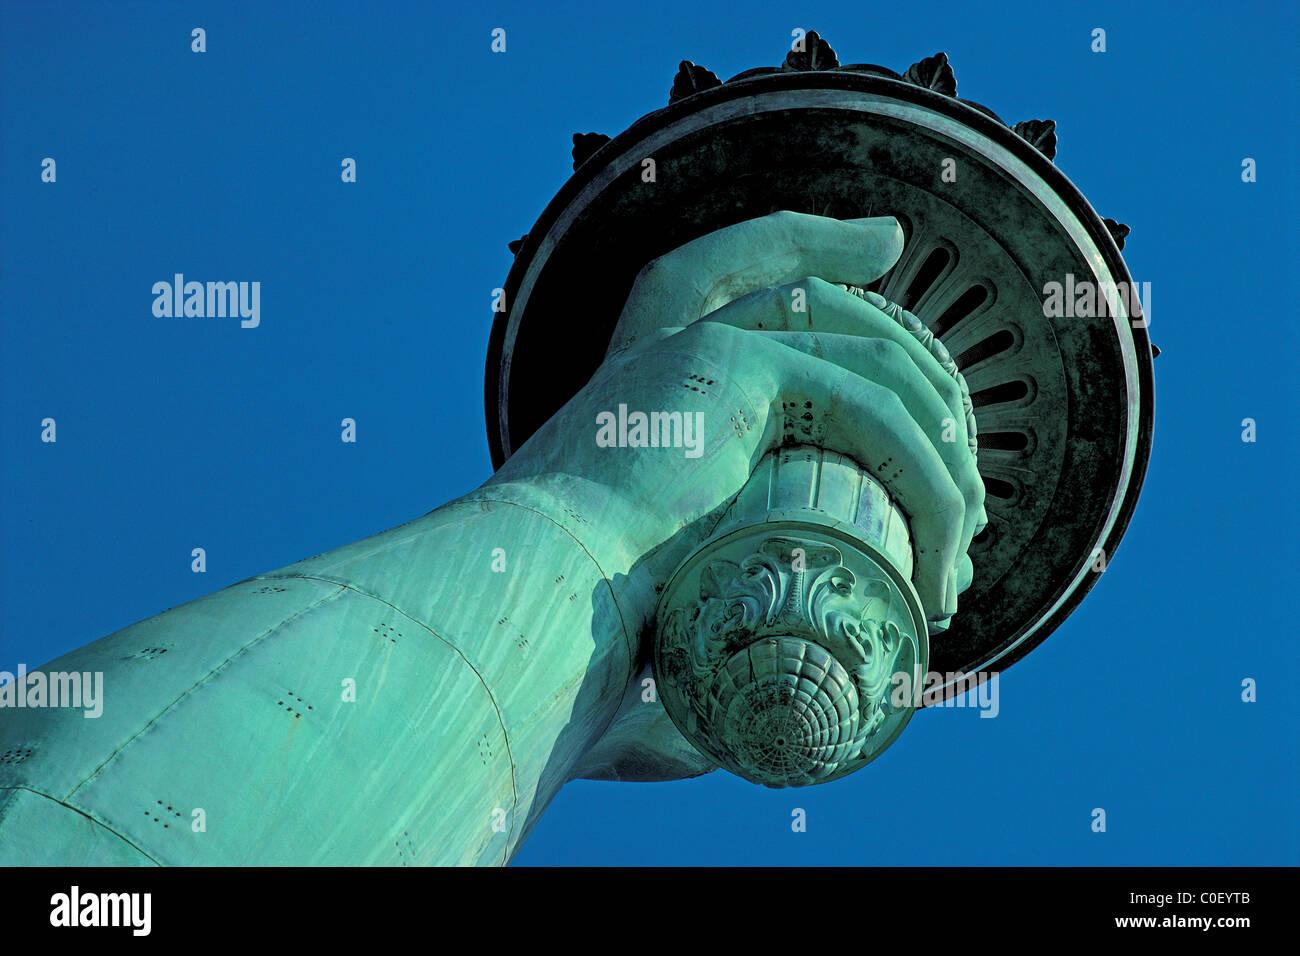 Freiheitsstatue auf Liberty Island in New York, blickte zu ihrer rechten Hand ihre Fackel hält. Stockbild